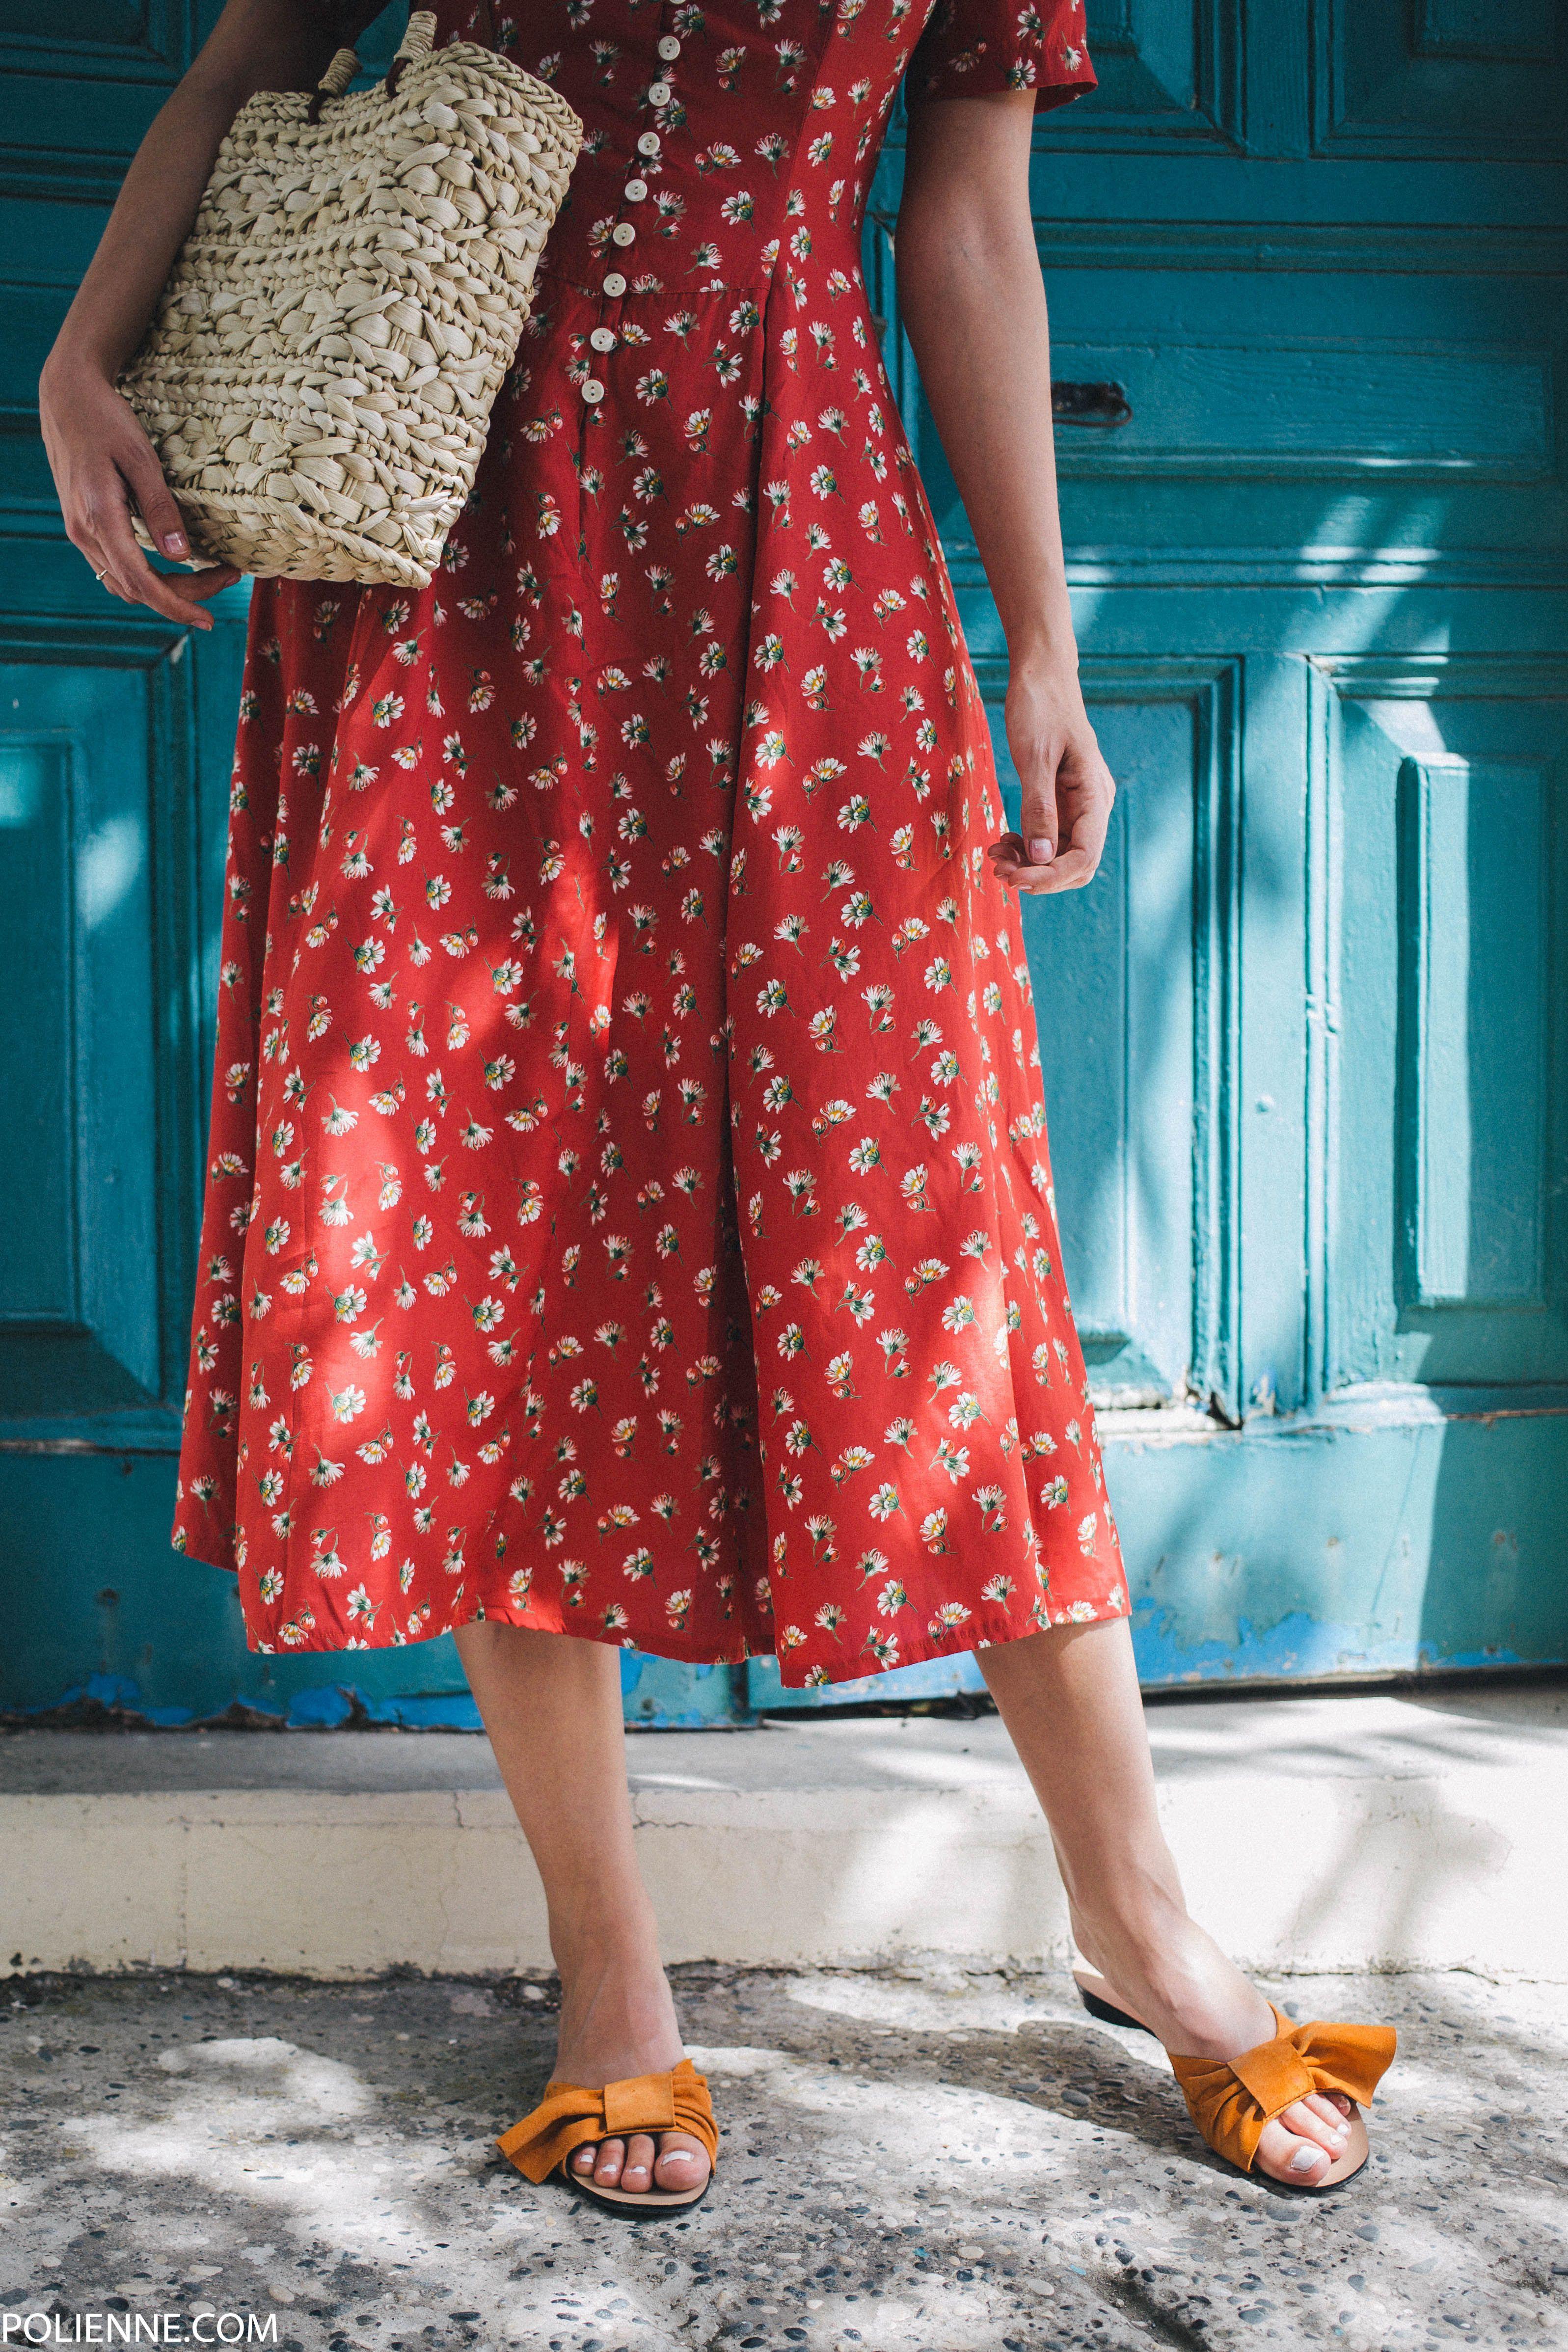 That Vintage Summer Dress Polienne Vintage Summer Dresses Summer Dresses Fashion [ 4791 x 3194 Pixel ]